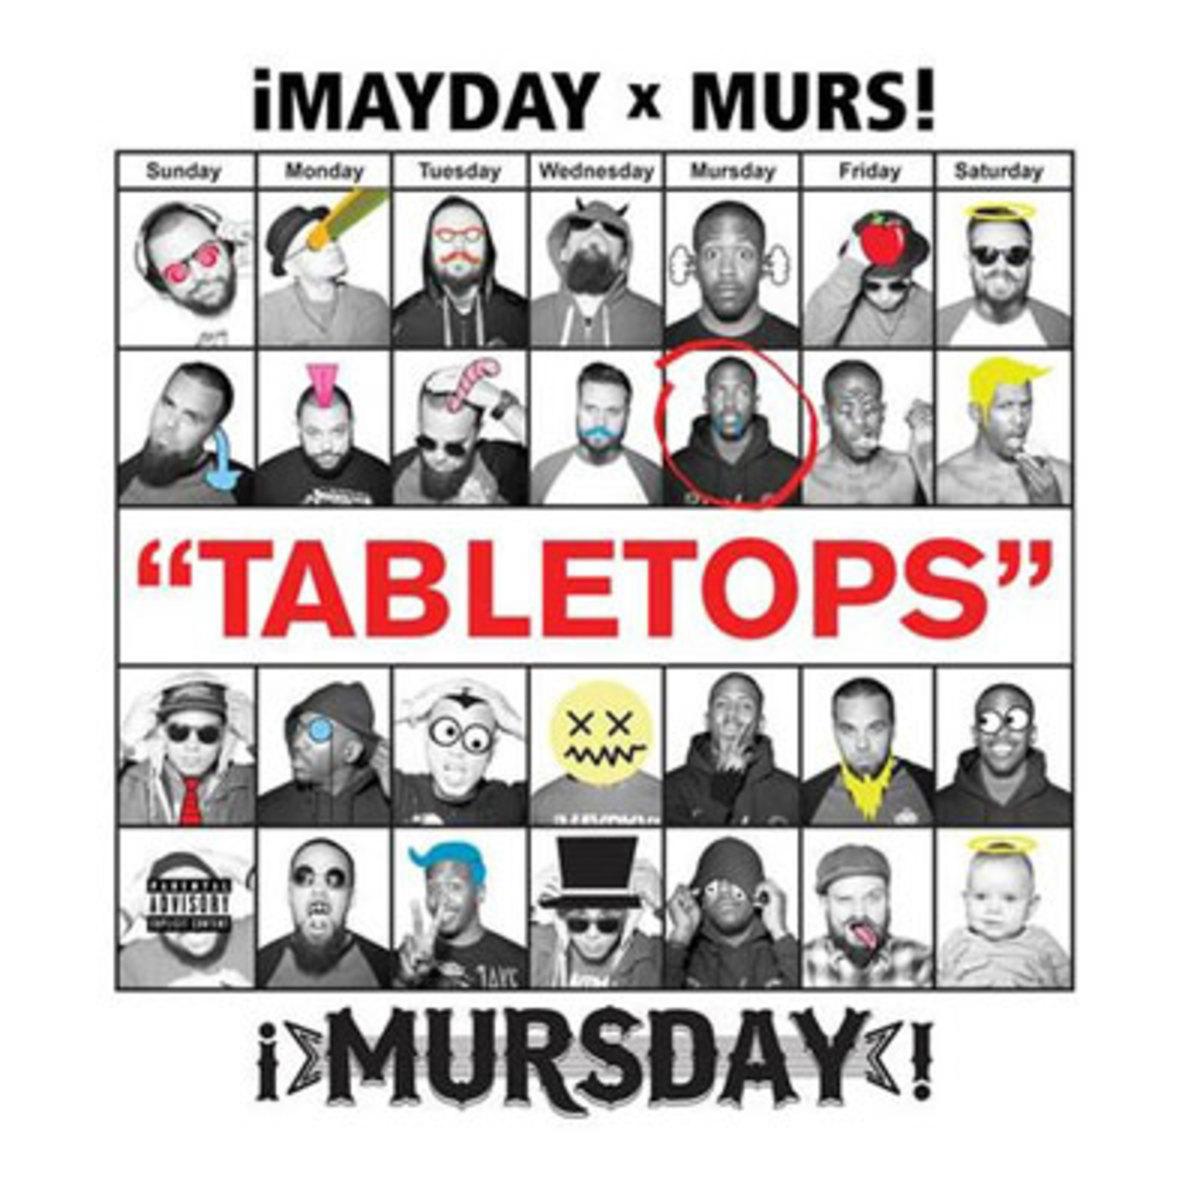 mursday-tabletops.jpg